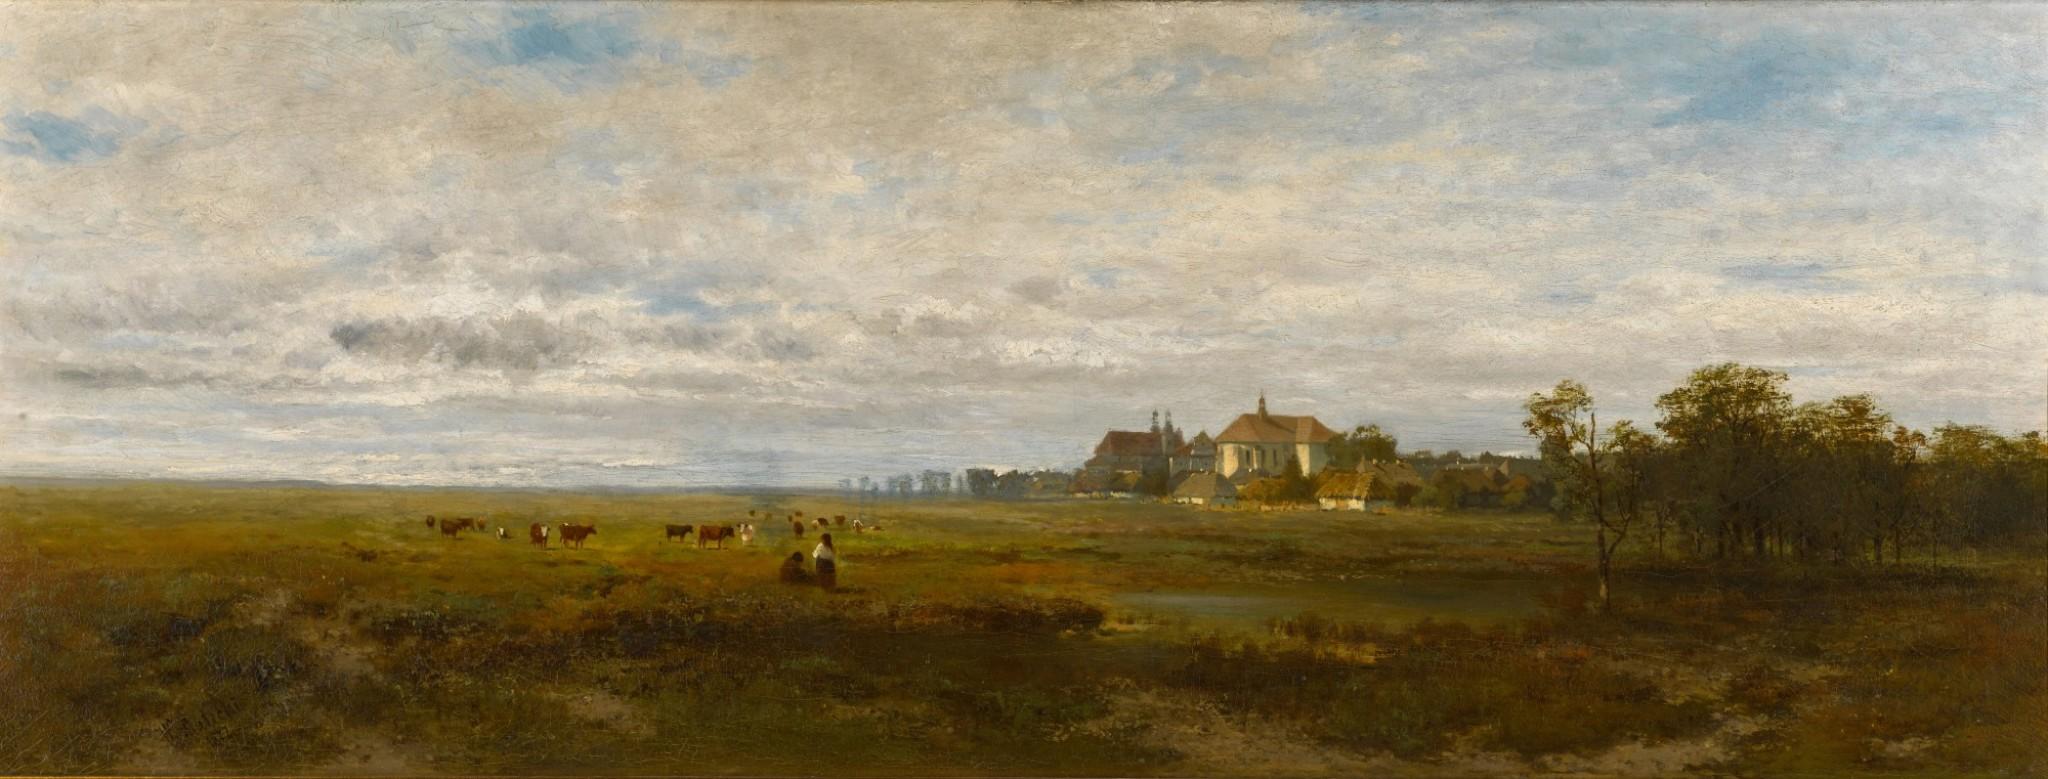 """Władysław Aleksander Malecki (1836-1900) """"Przedmieścia Krakowa"""", źródło: Sotheby's"""